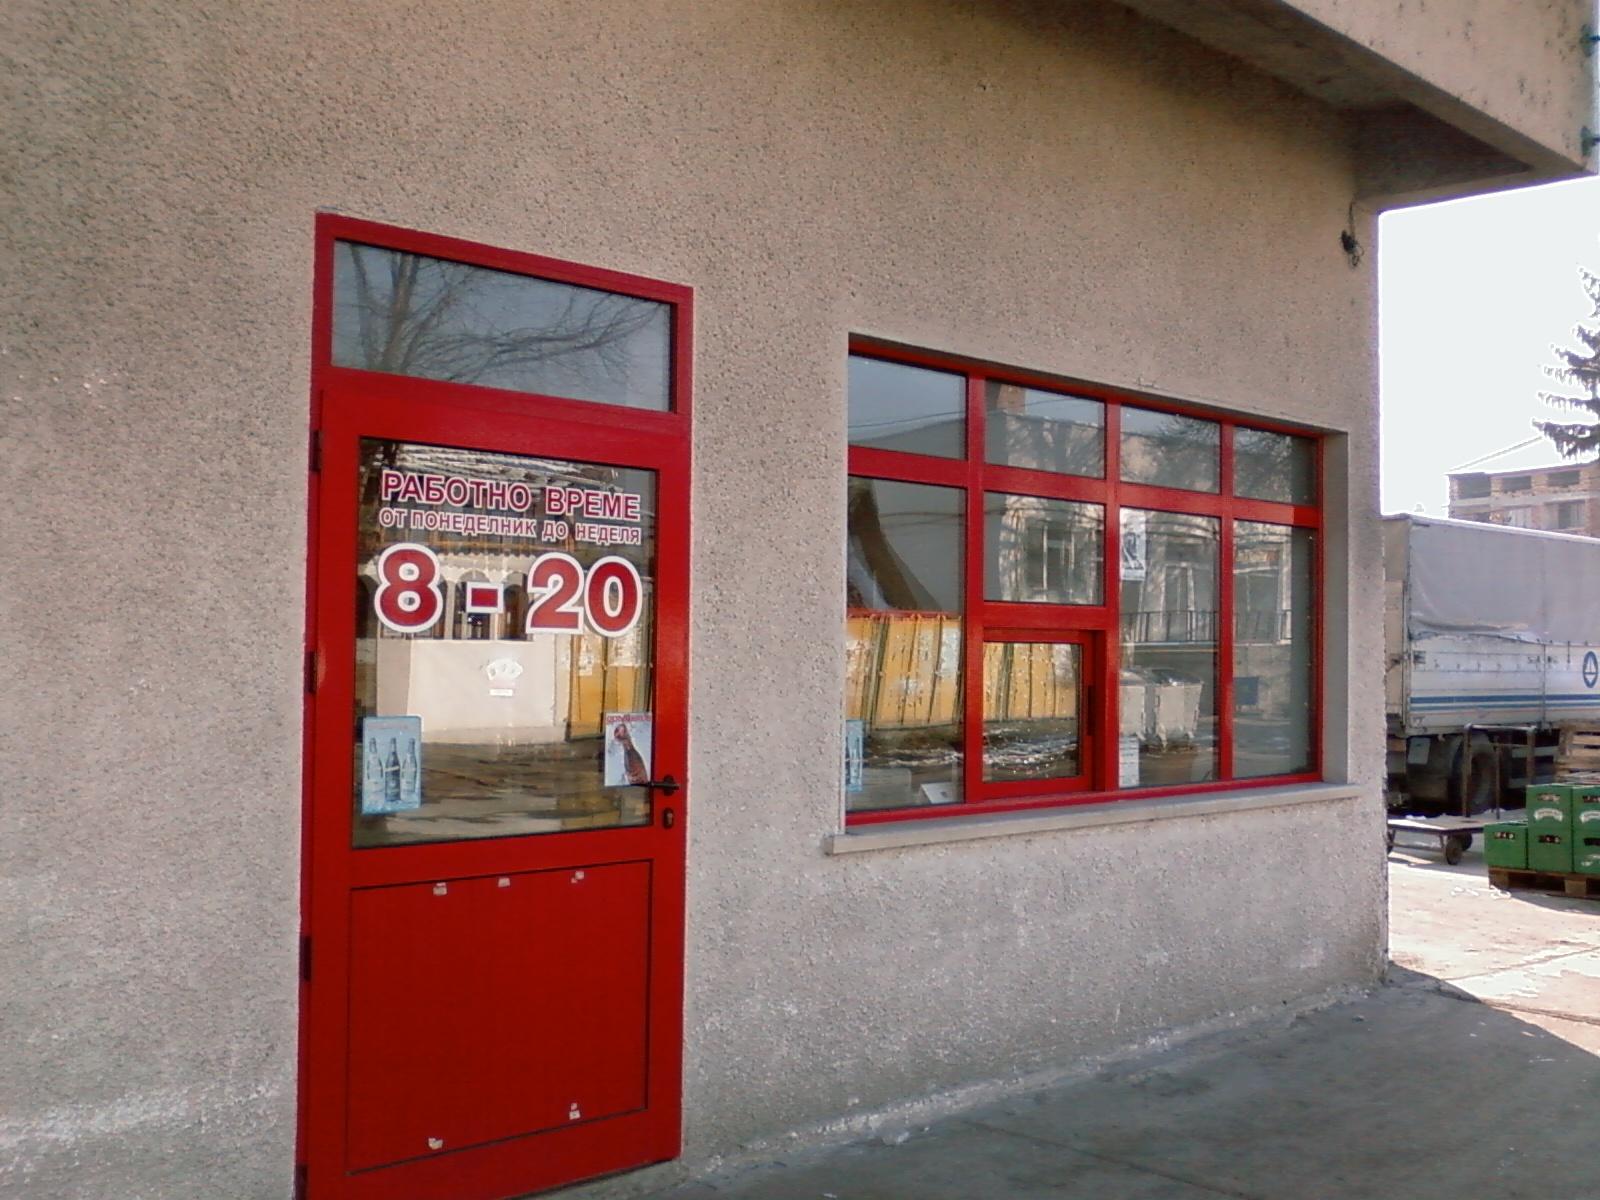 Продава се функциониращ склад с дейтващ бизнес за продажба на едро на напитки и хранителни стоки в гр. Мездра обл. Враца